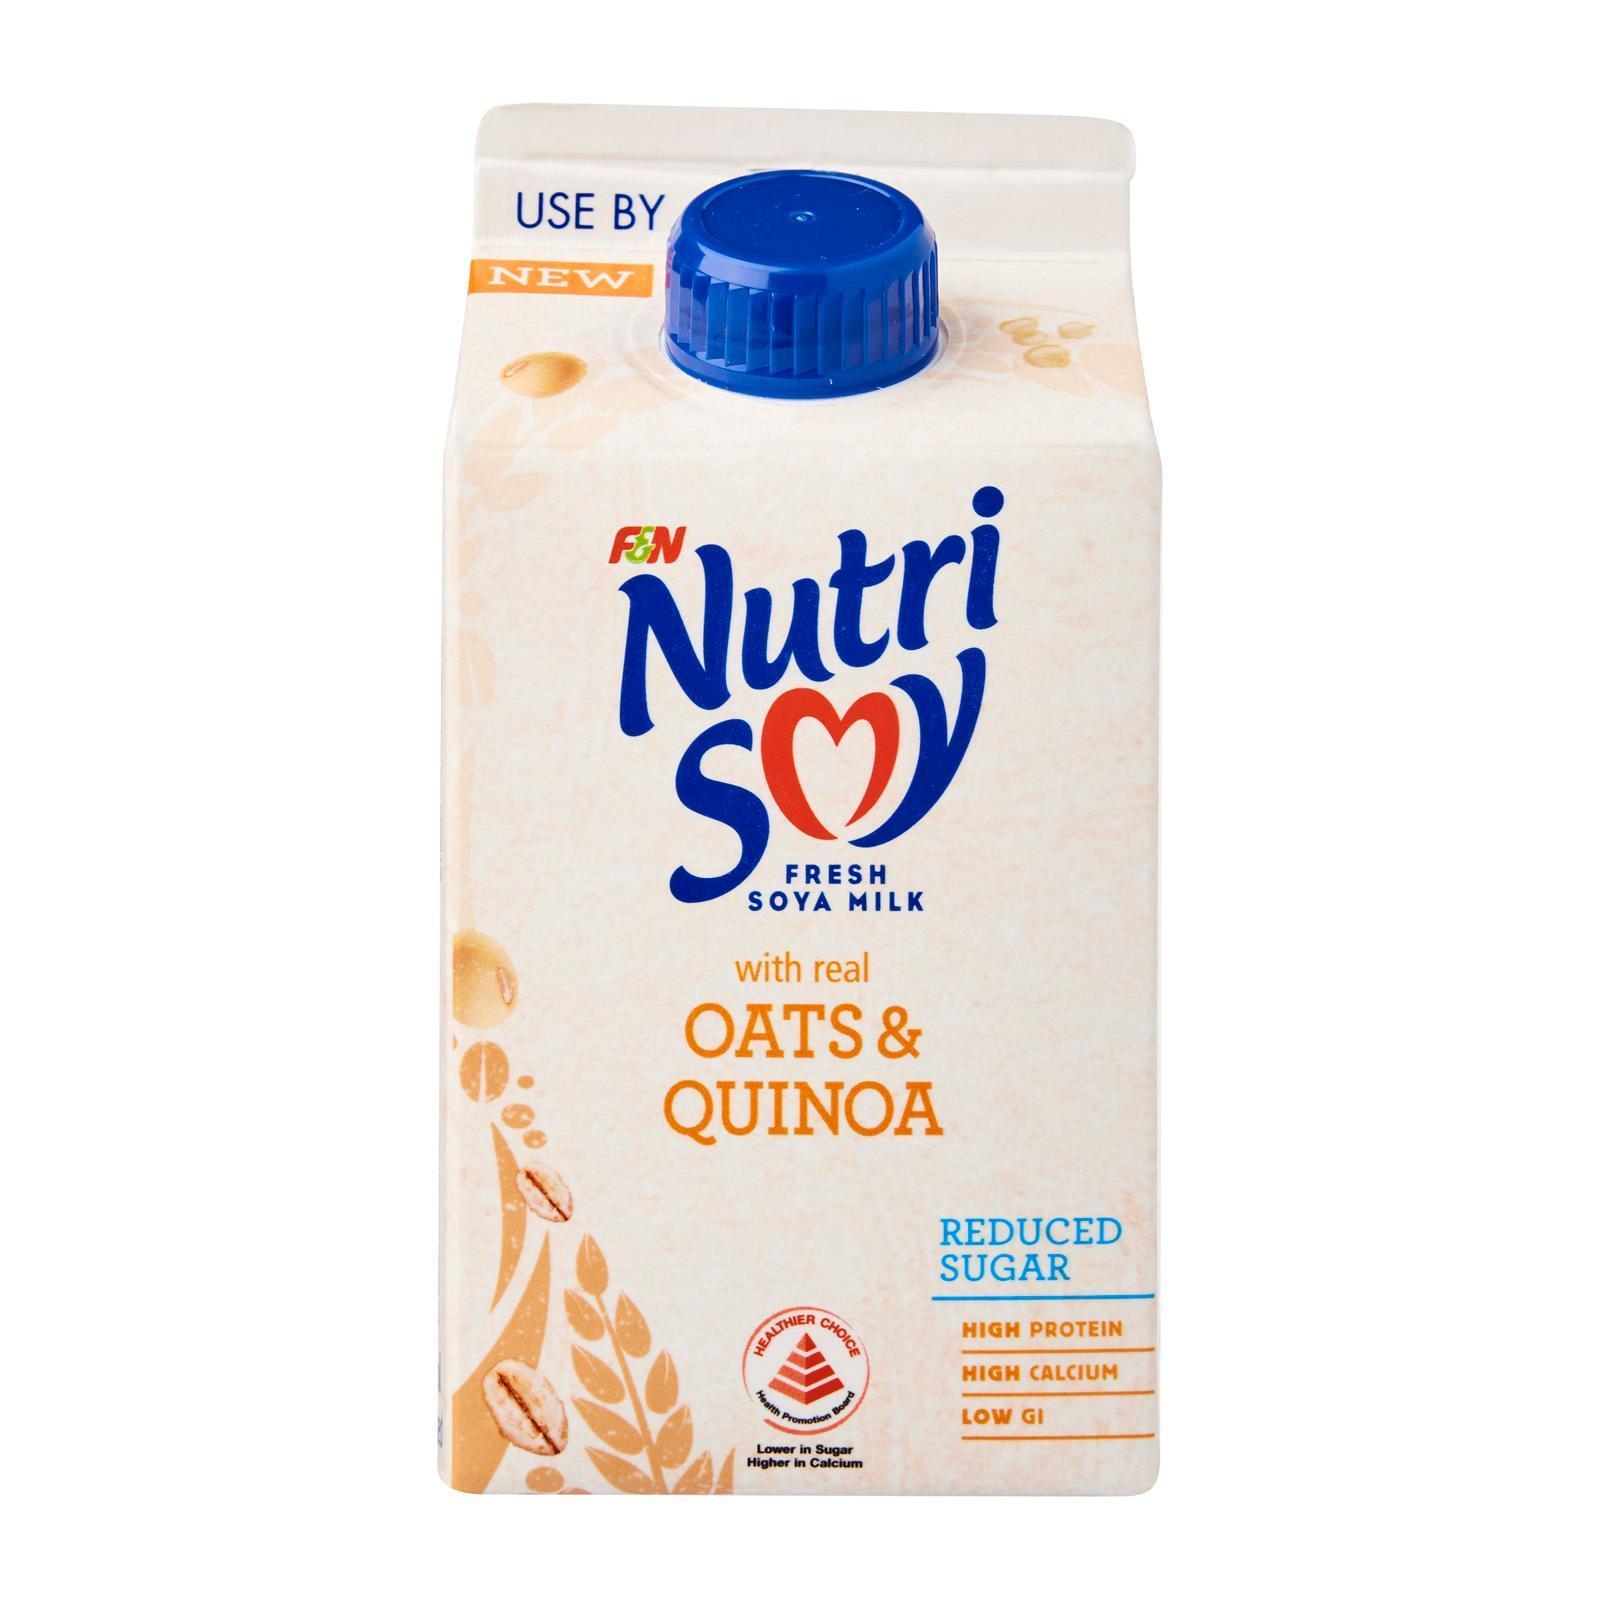 NUTRISOY Fresh Soya Milk Hi-Cal Reduced Sugar 475ml